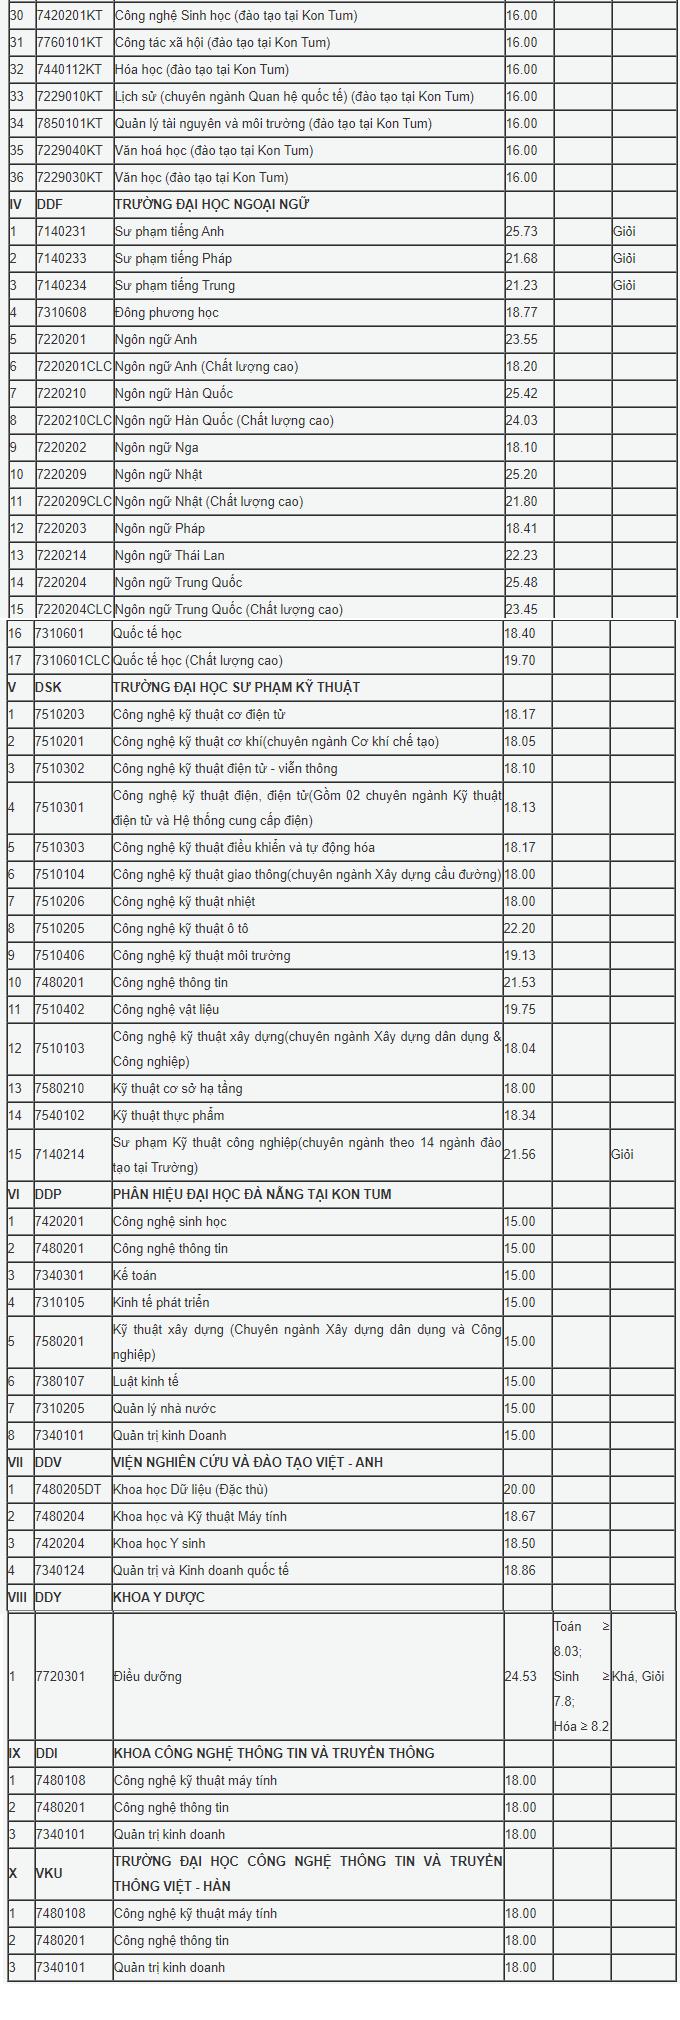 Đại học Đà Nẵng chính thức công bố điểm chuẩn trúng tuyển đợt 1. ảnh 1